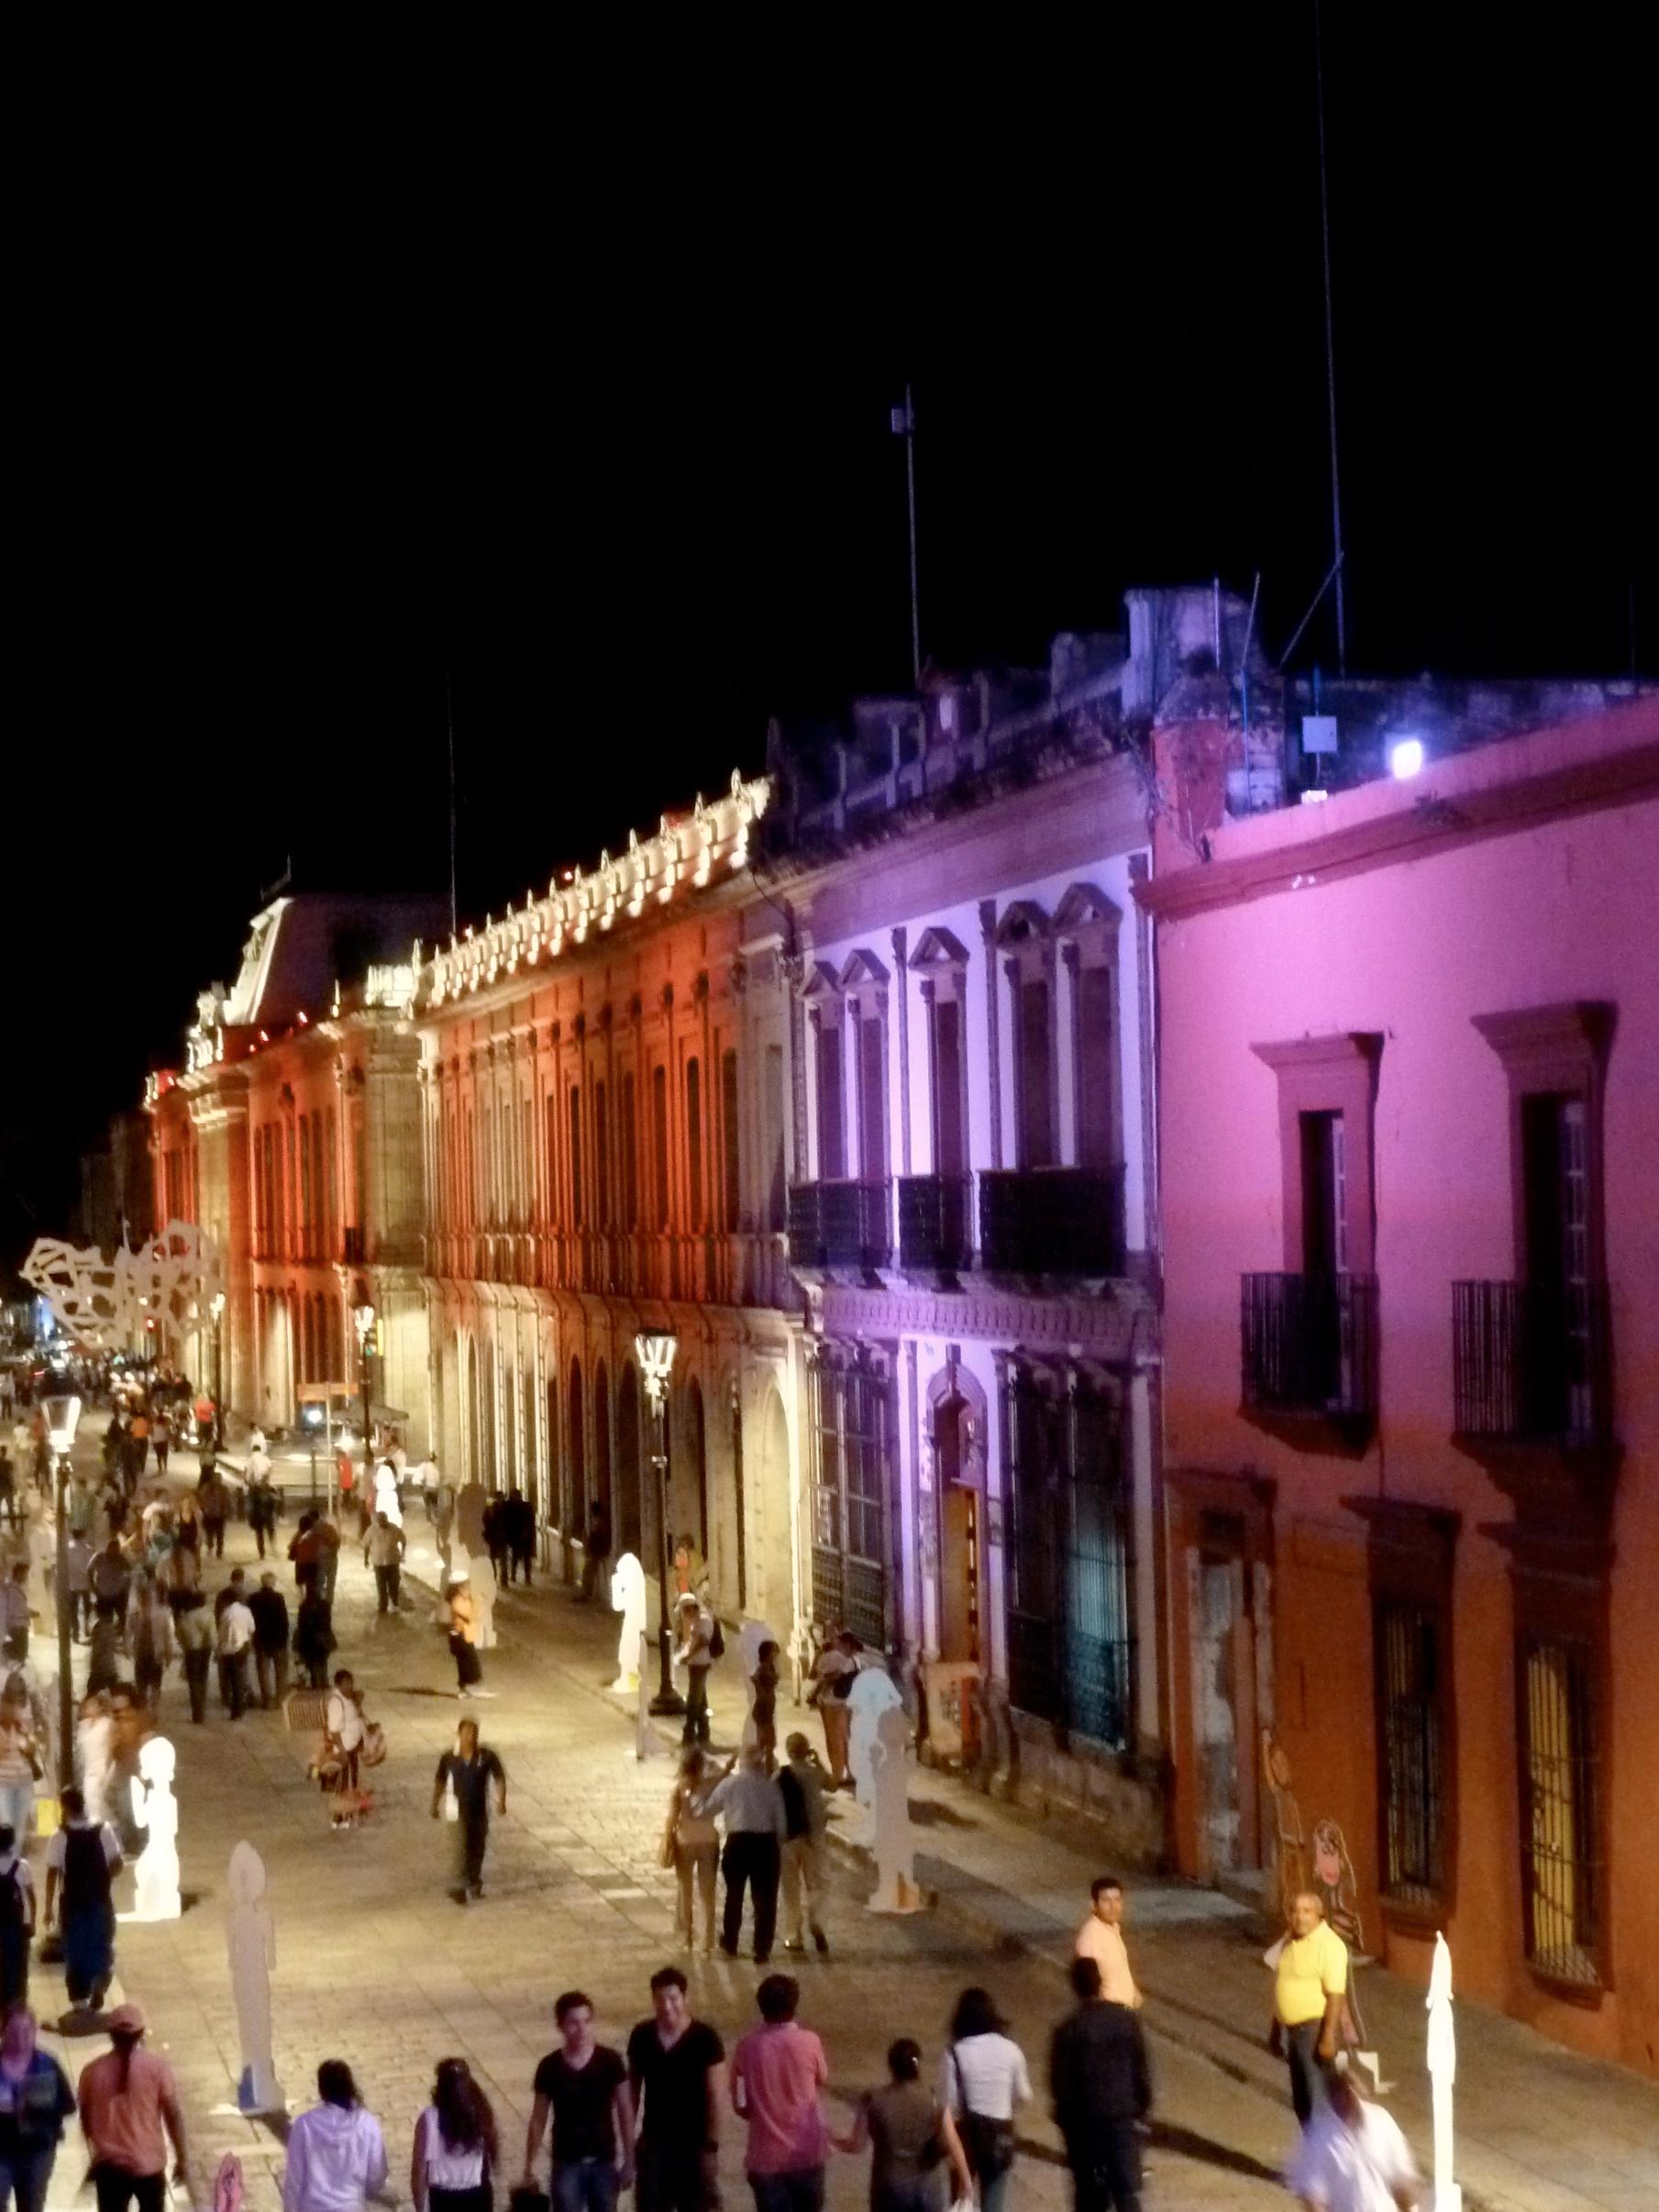 night in oaxaca.jpg